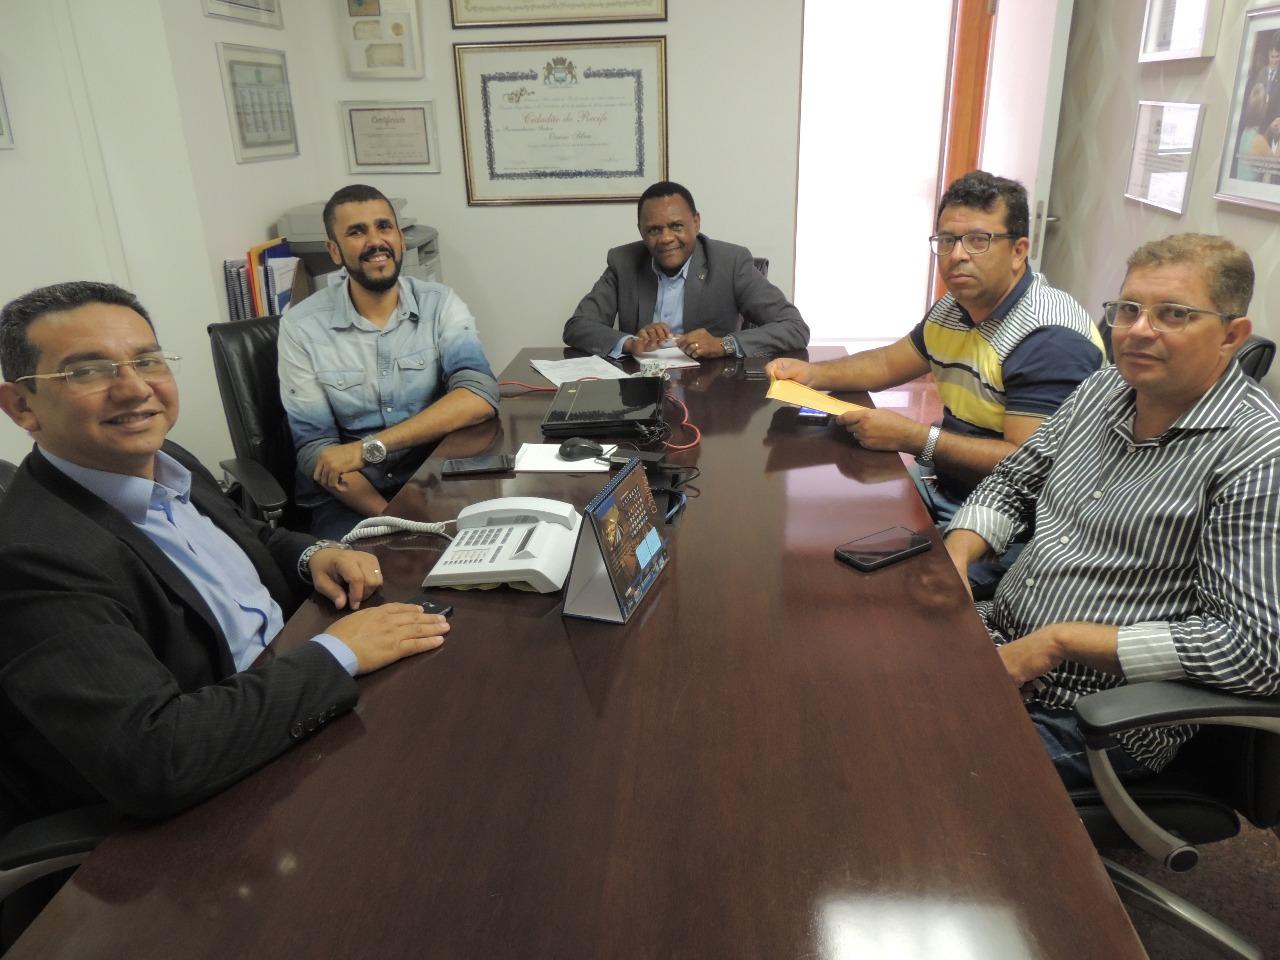 Ossesio Silva e Carlos Santos se reúnem com conselheiros tutelares de Caruaru